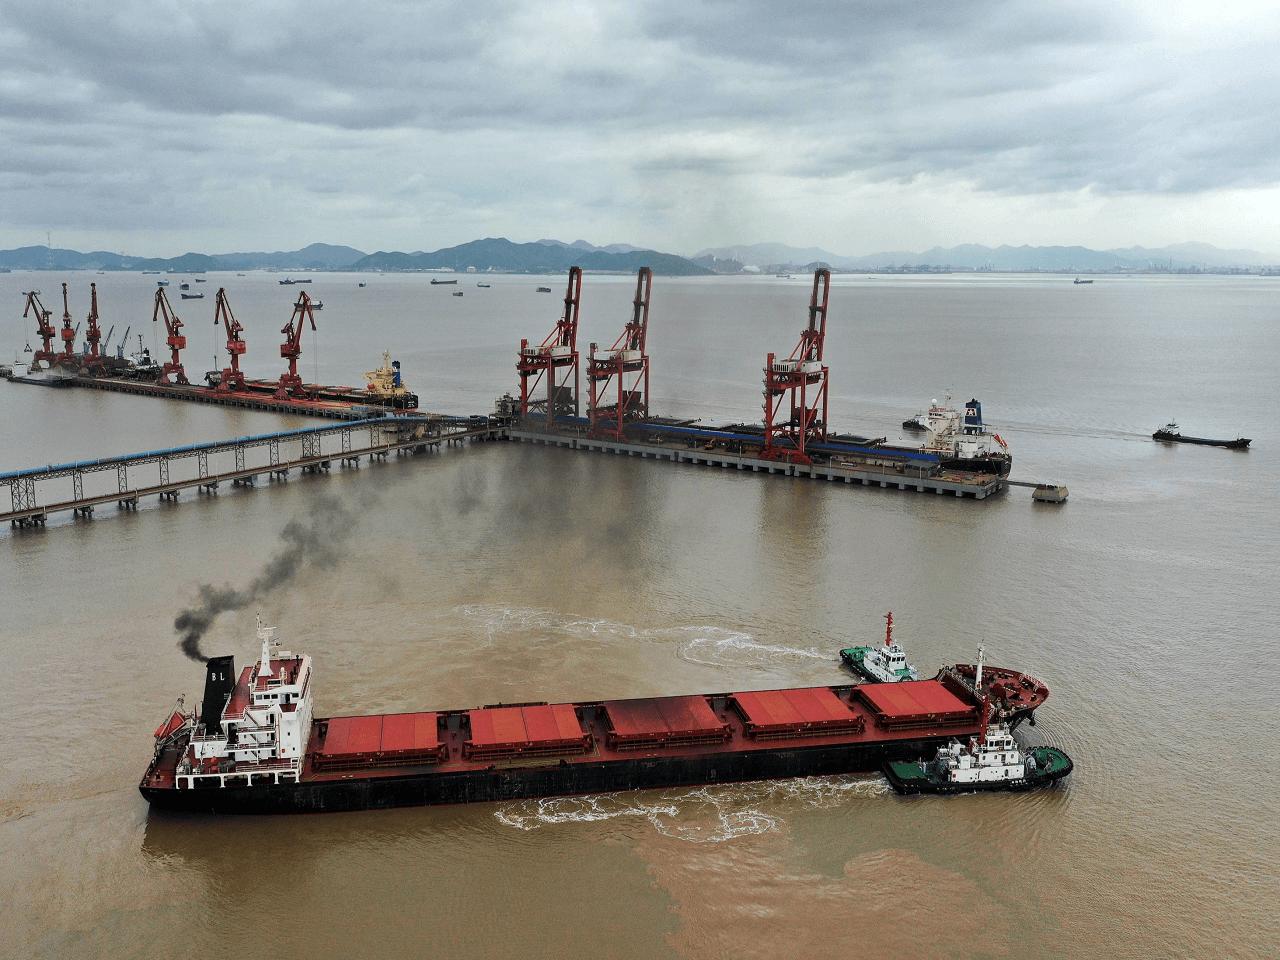 Çin Dünyanın En Yoğun Üçüncü Limanını Kısmen Kapatma Kararı Aldı